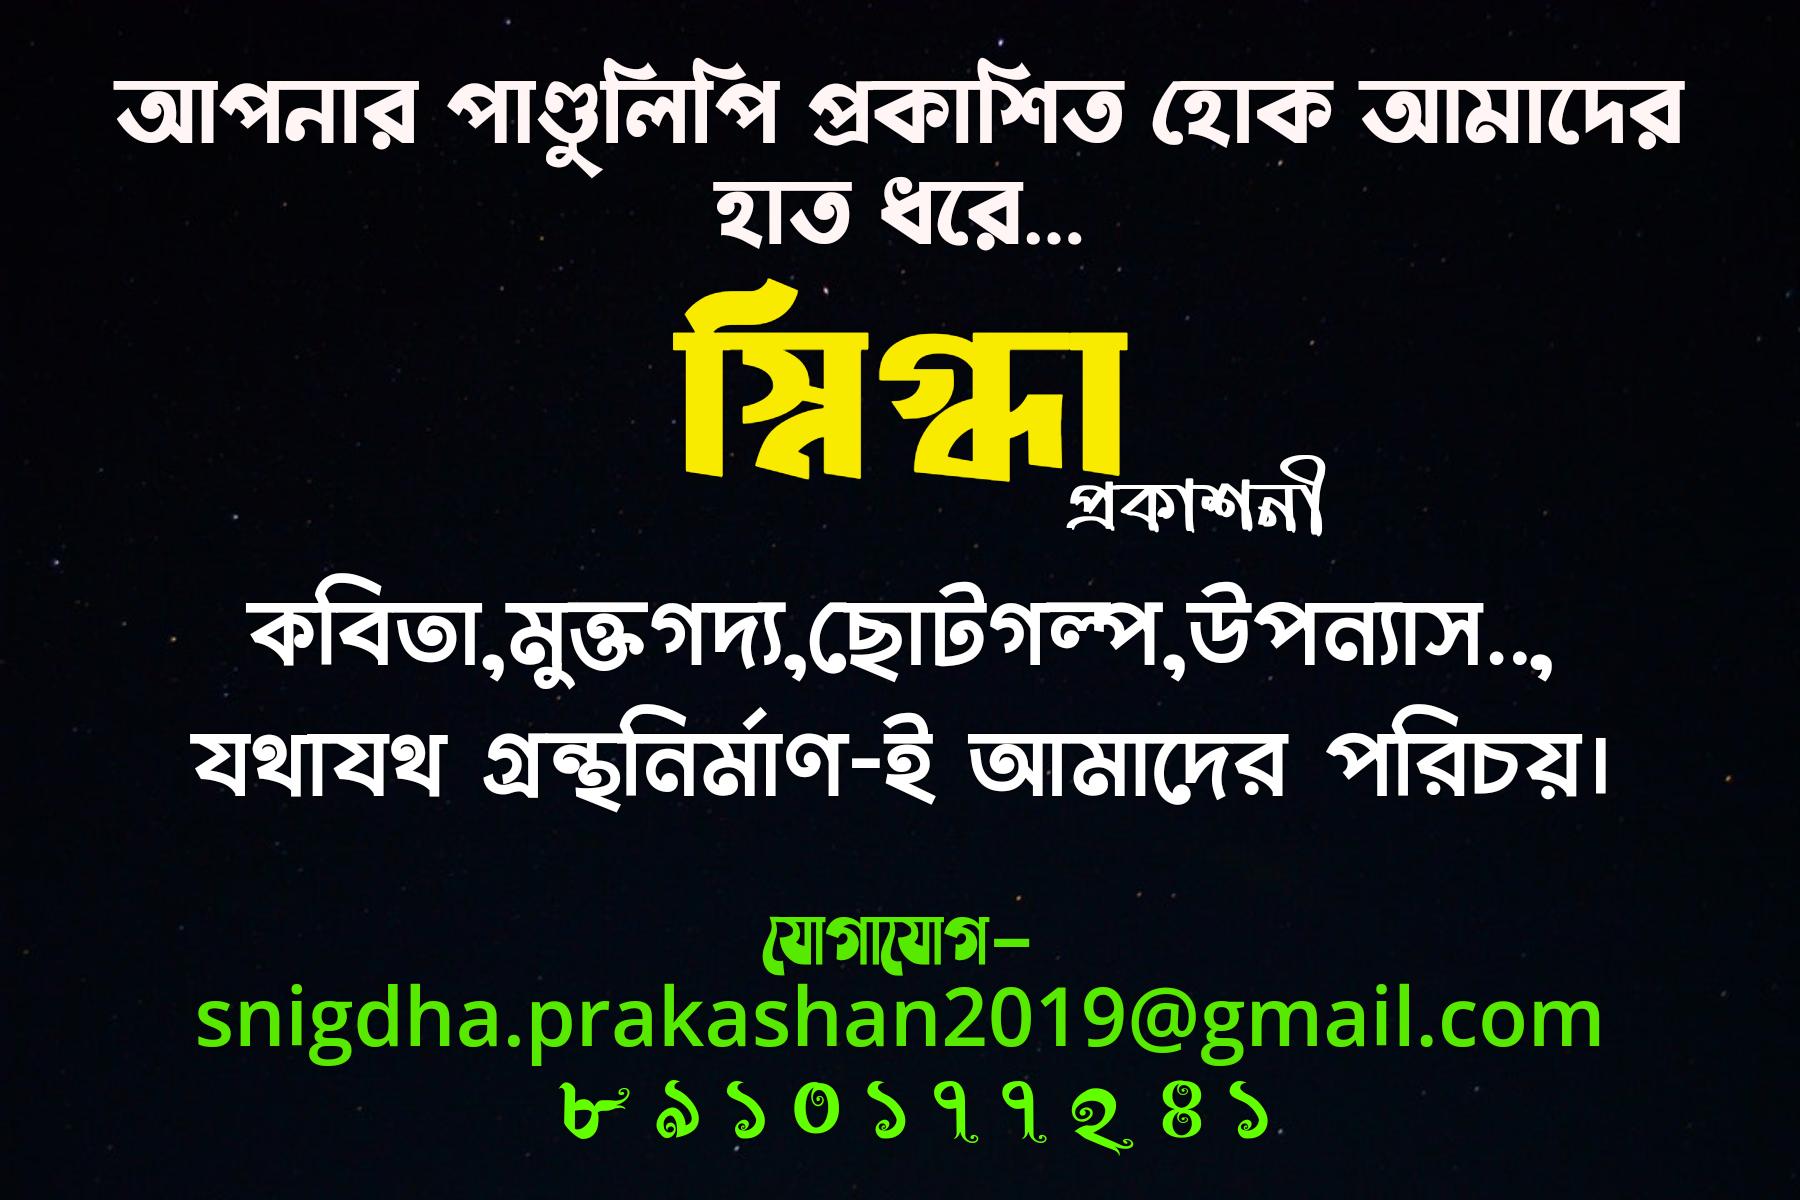 Snigdha Prakashan